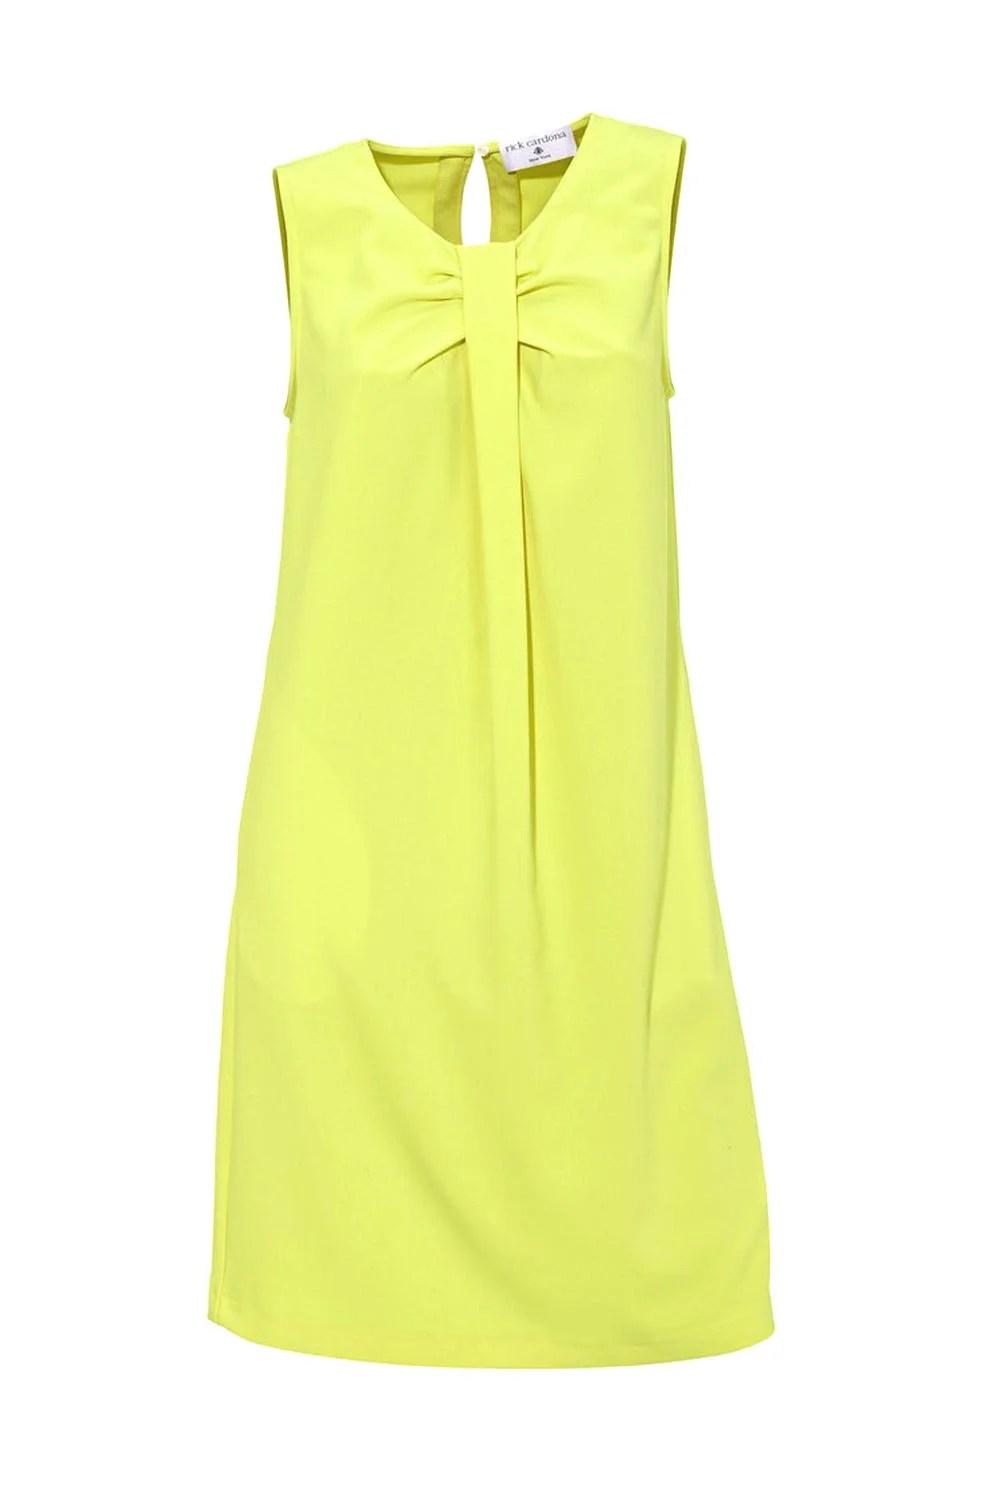 197.556 RICK CARDONA Damen Designer-Etuikleid Limette